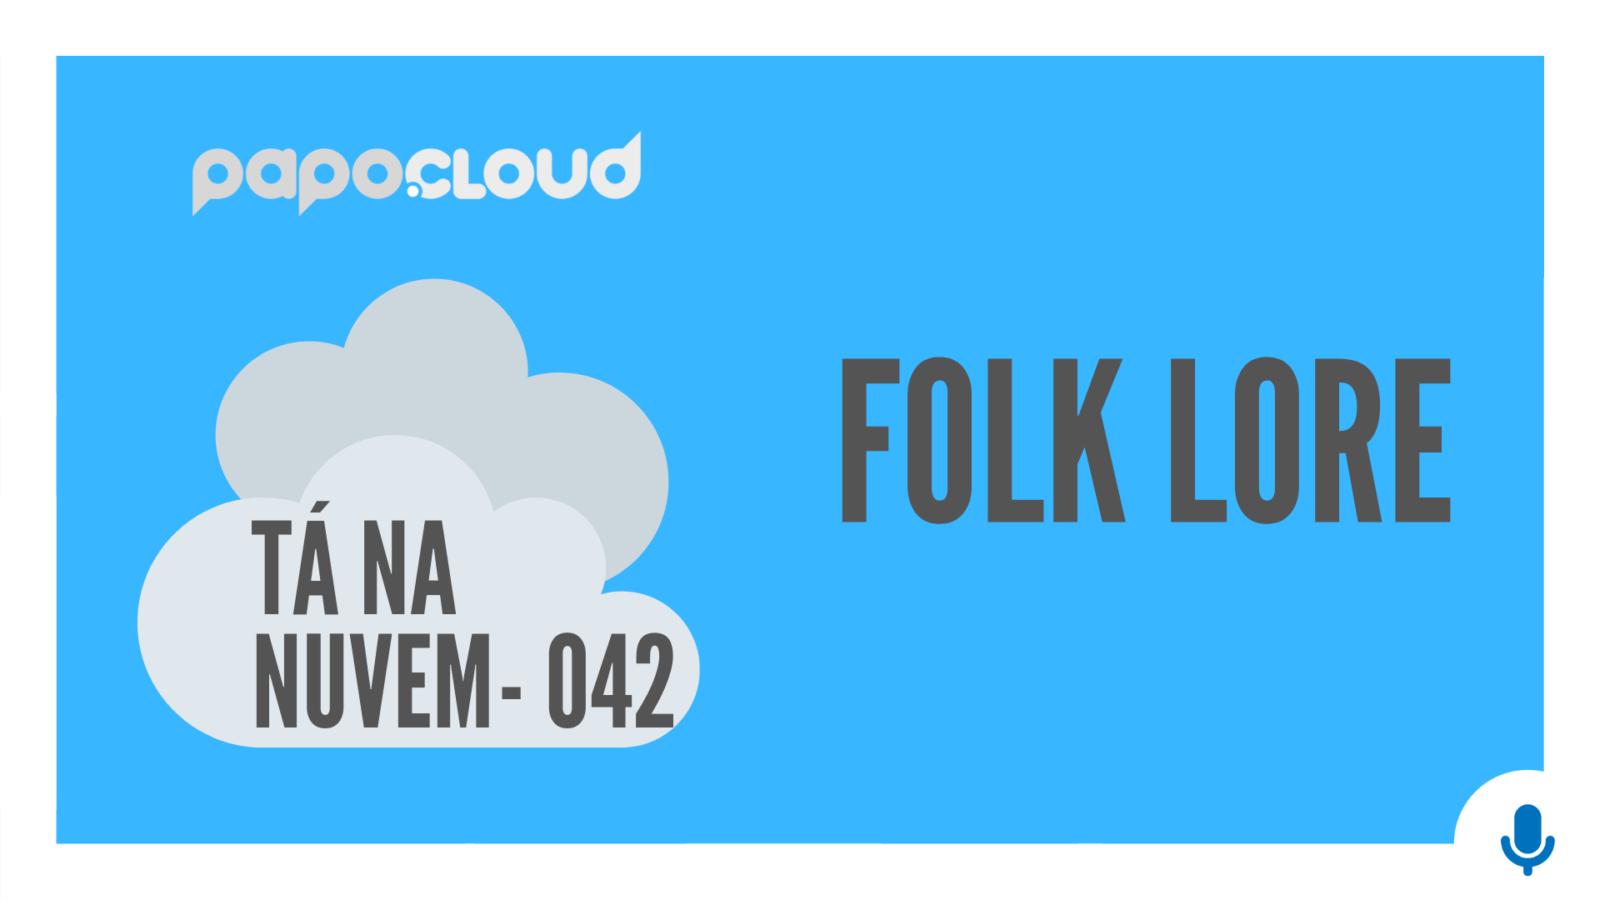 Tá Na Nuvem 042 - Folk lore